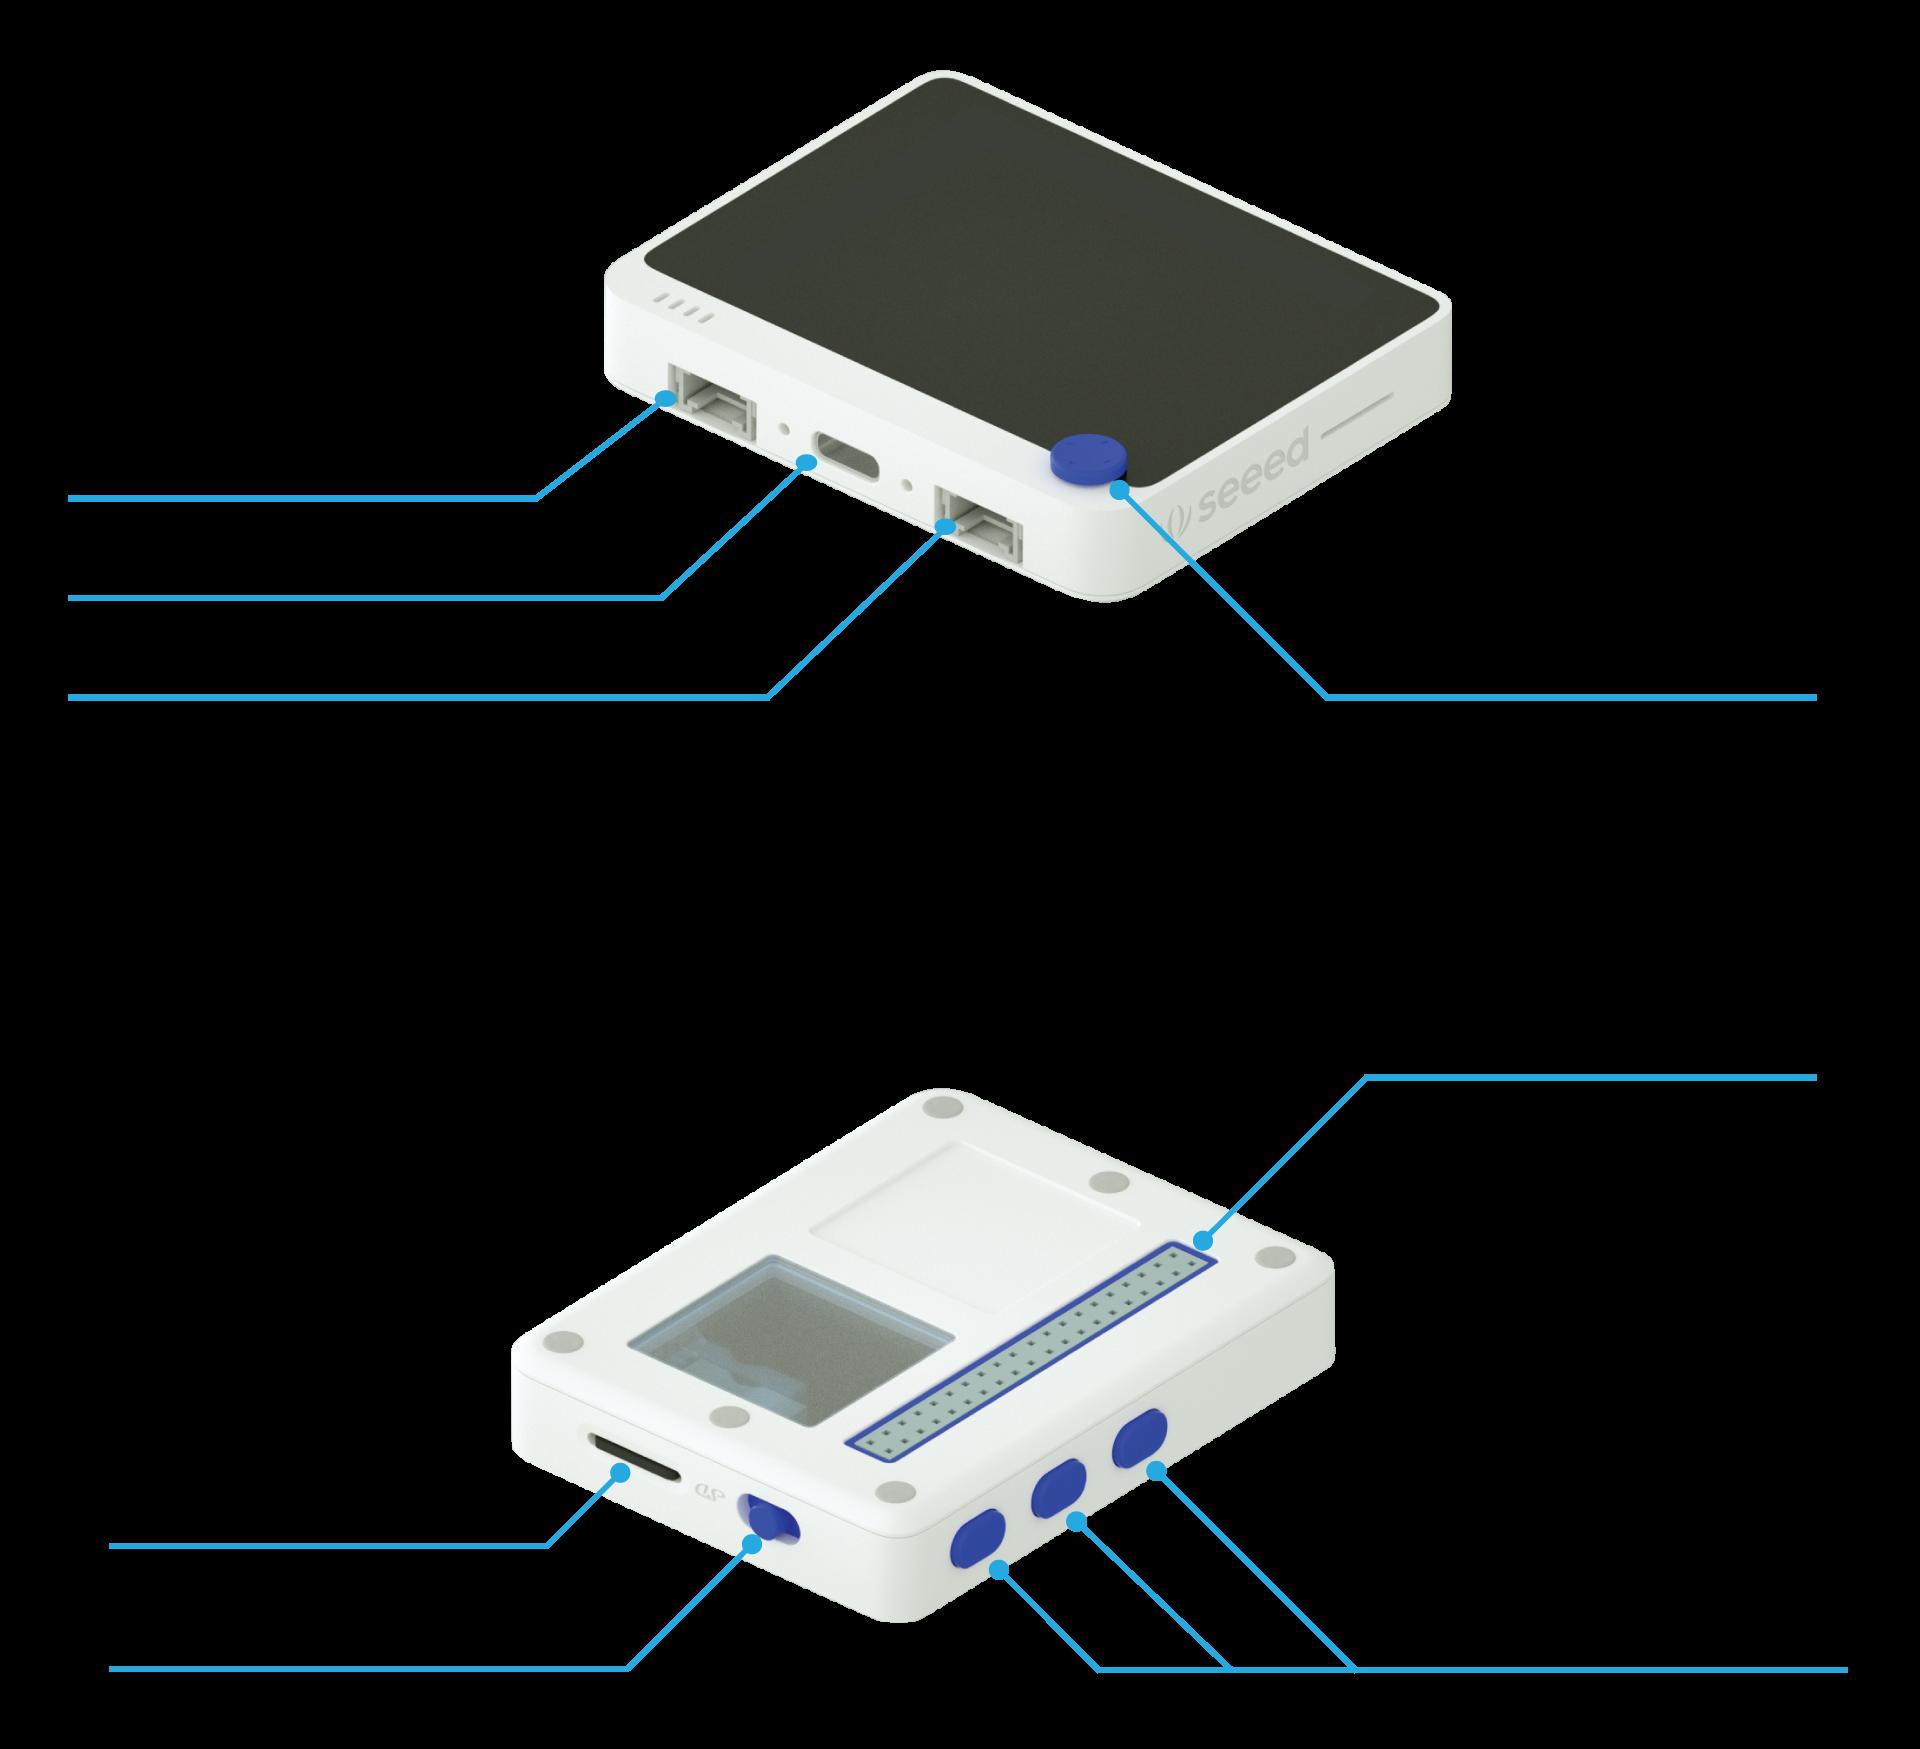 Wio-Terminal-KeyFeatures